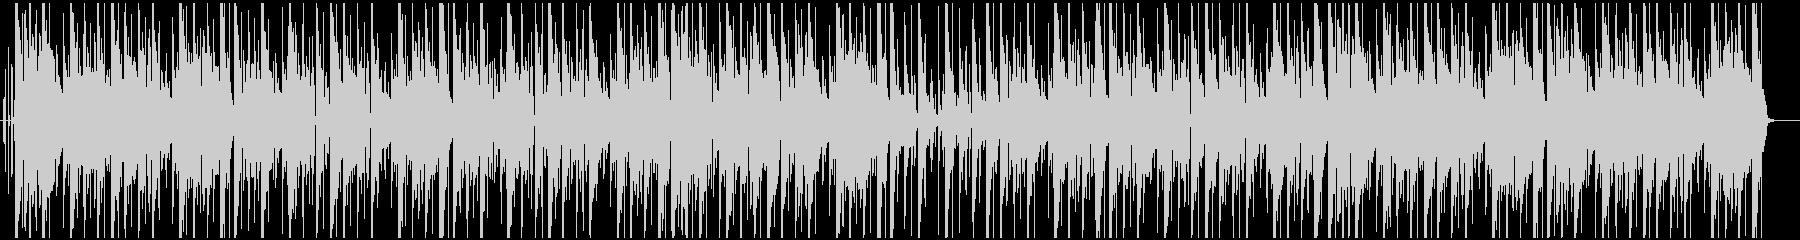 ピアノ ジャズ カフェ Lo-Fiの未再生の波形